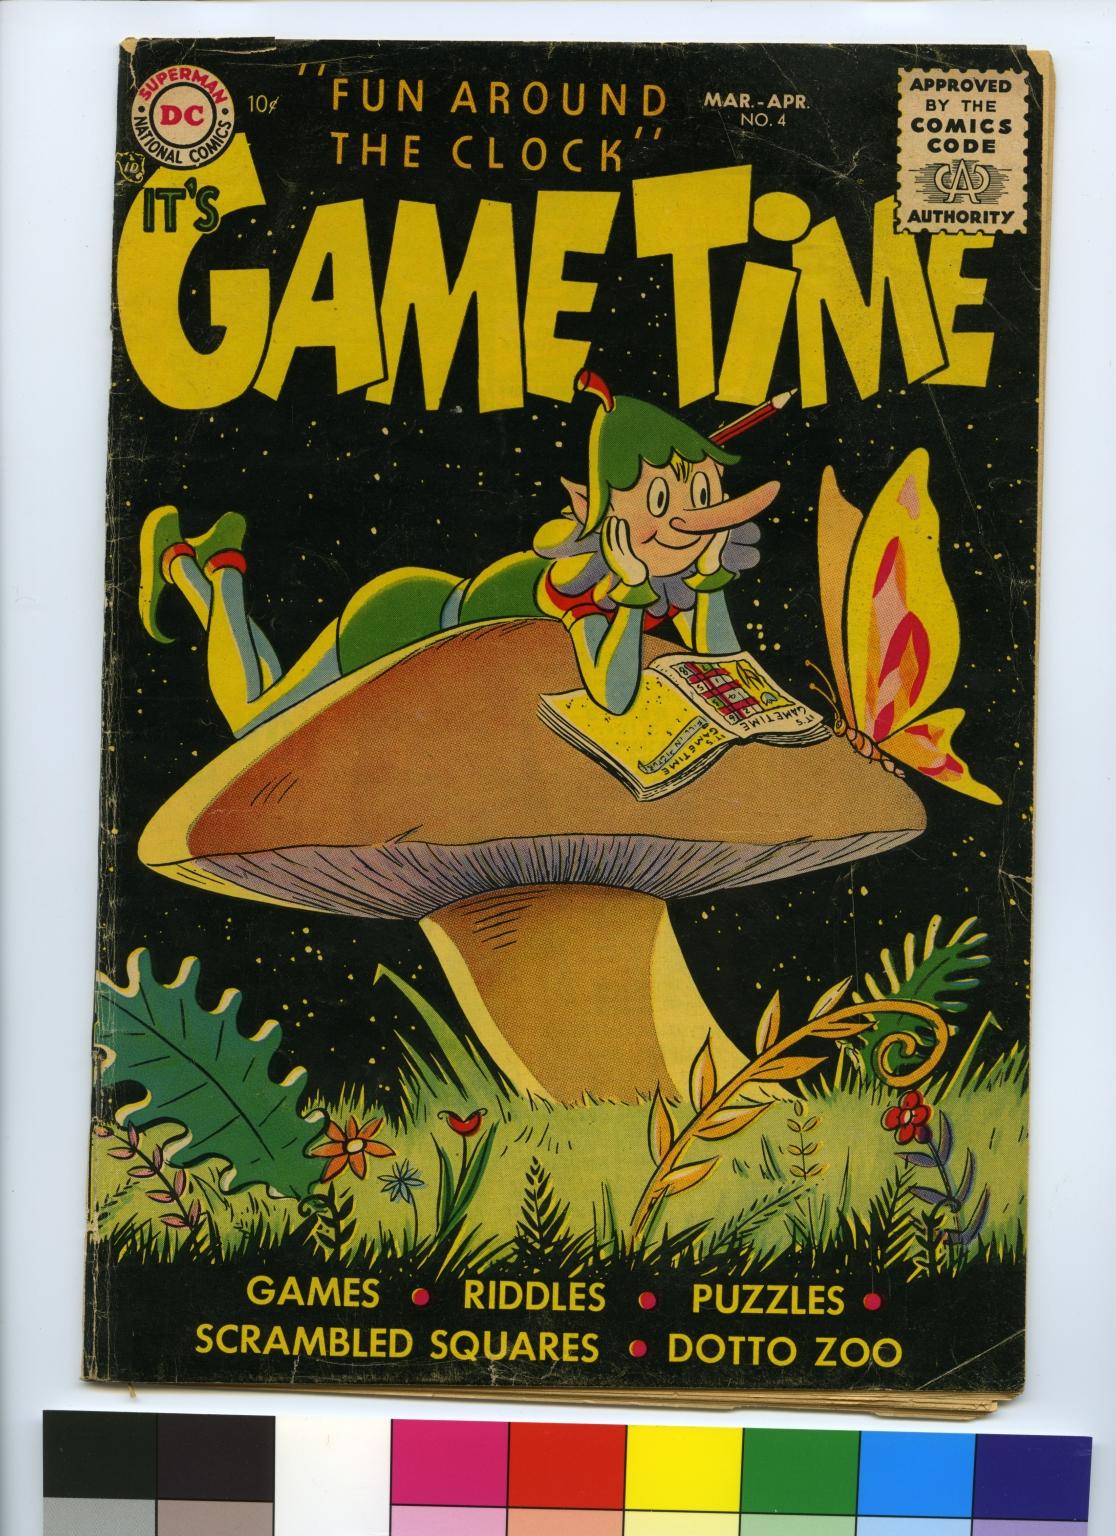 It's Gametime